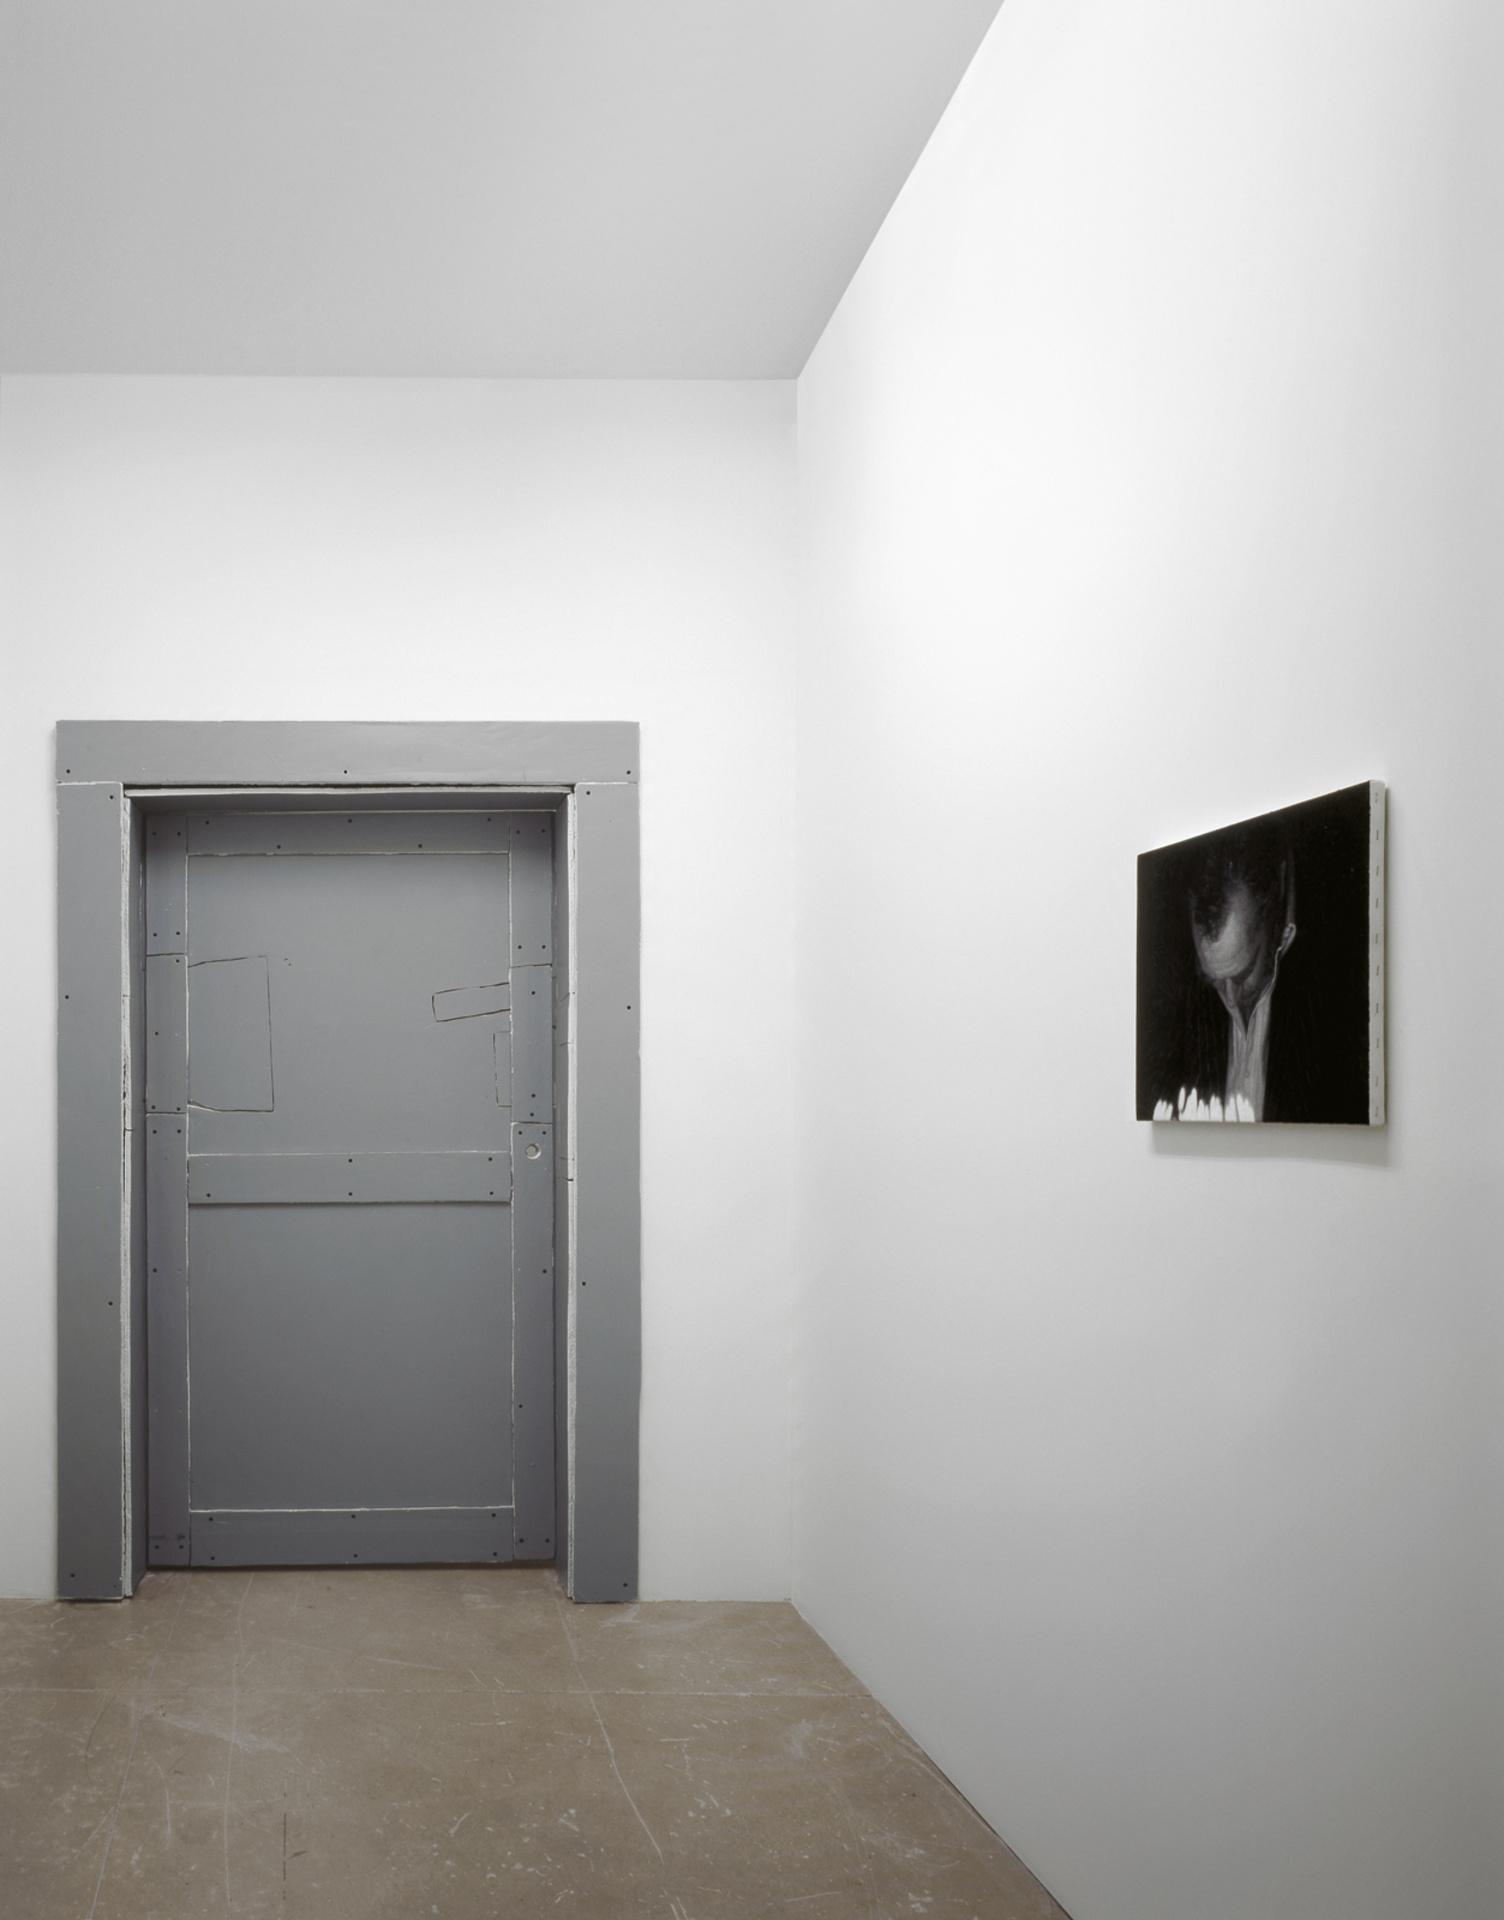 Untitled (Door)